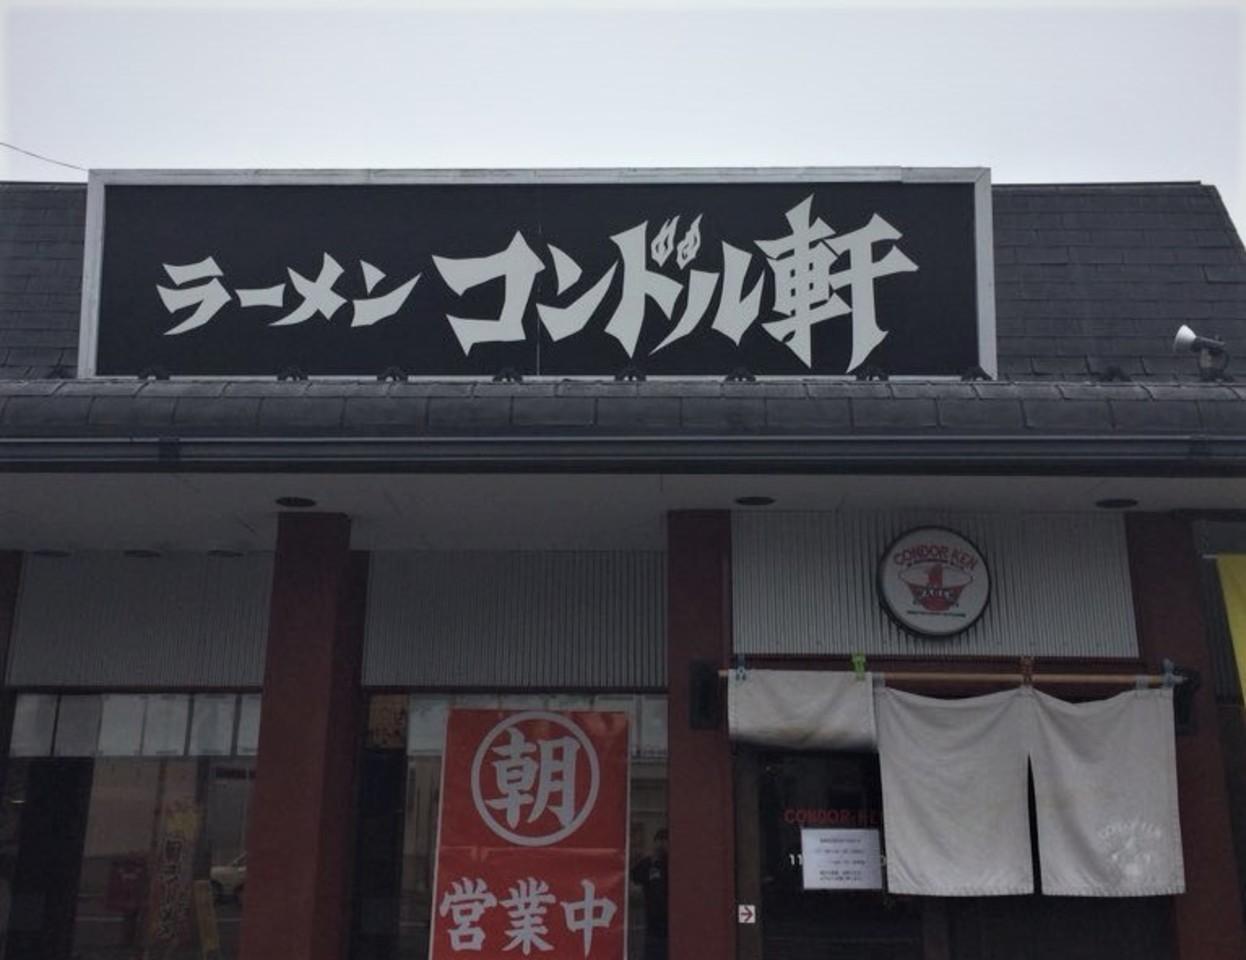 😢福島県郡山市朝日の「ラーメン コンドル軒」が5/31に閉店されるようです。